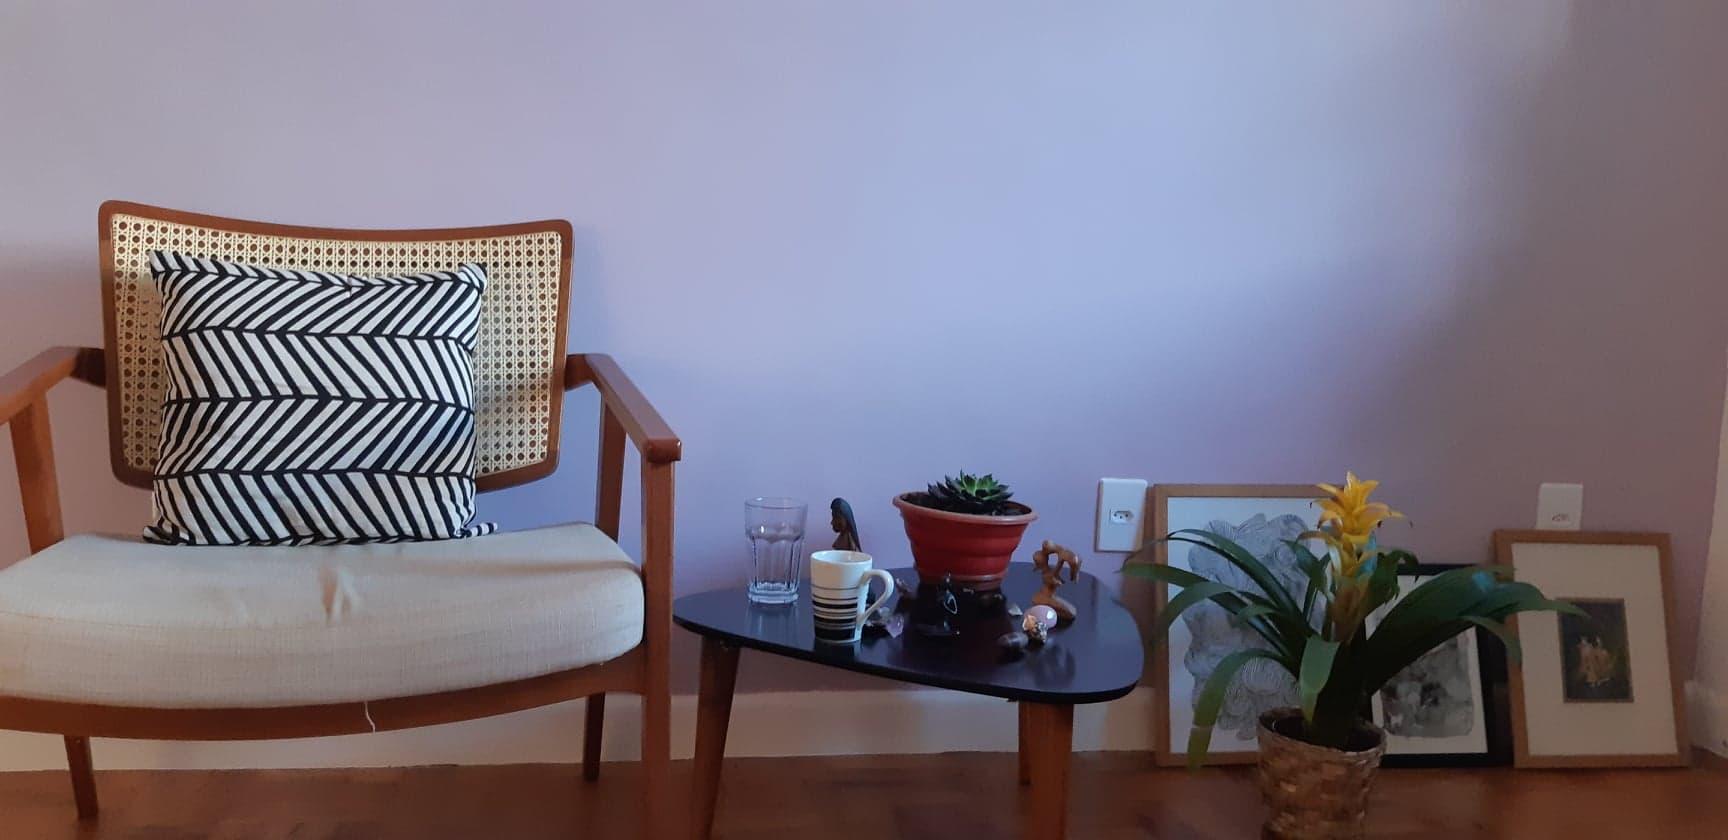 Casinha - Uma vila em Perdizes, composta por casinhas charmosas onde psicoterapeutas e analistas de diversas linhas atendem. Ancorei meus atendimentos individuais em uma dessas casinhas, e preparei uma sala gostosa para te receber.